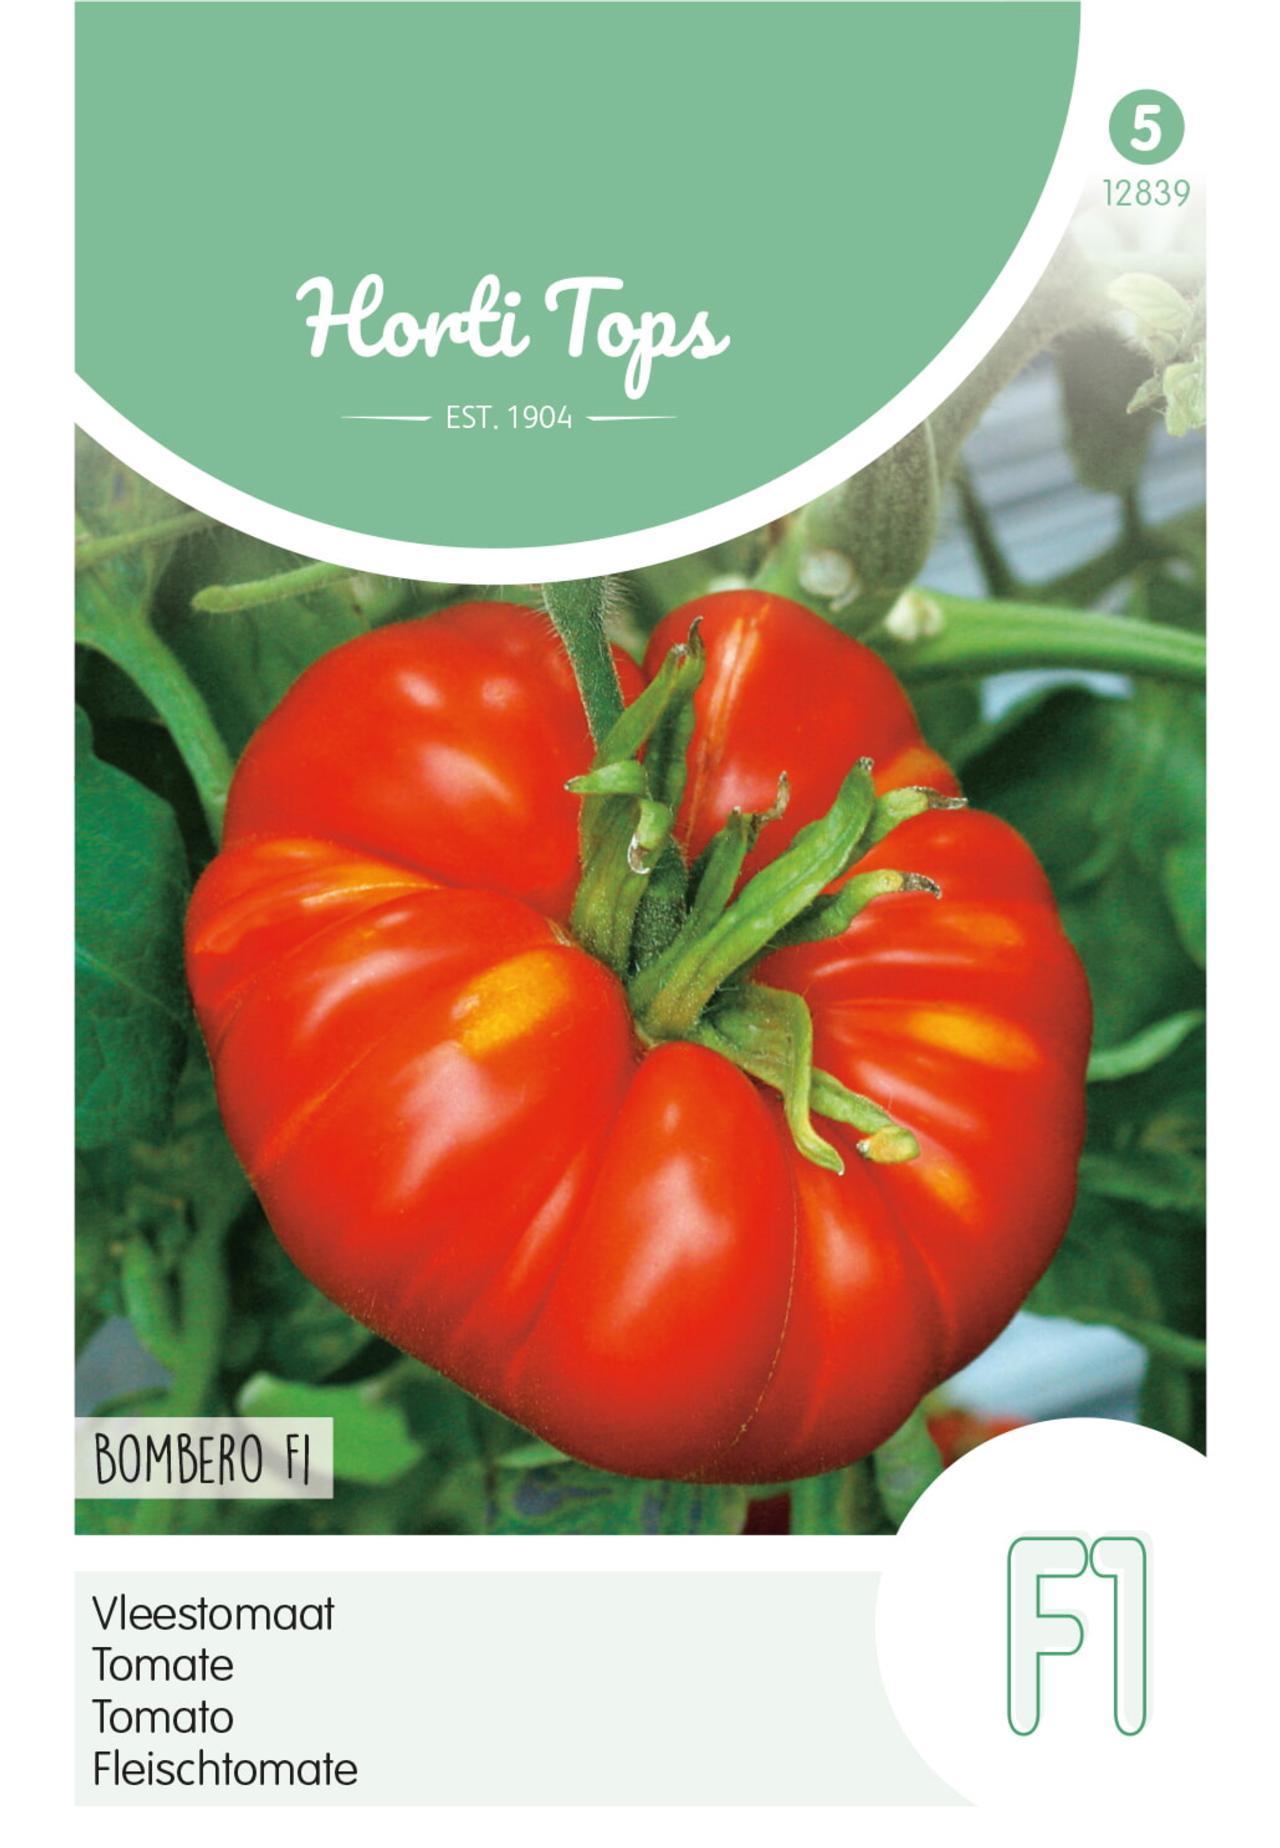 Solanum lycopersicum 'Bombero F1' plant